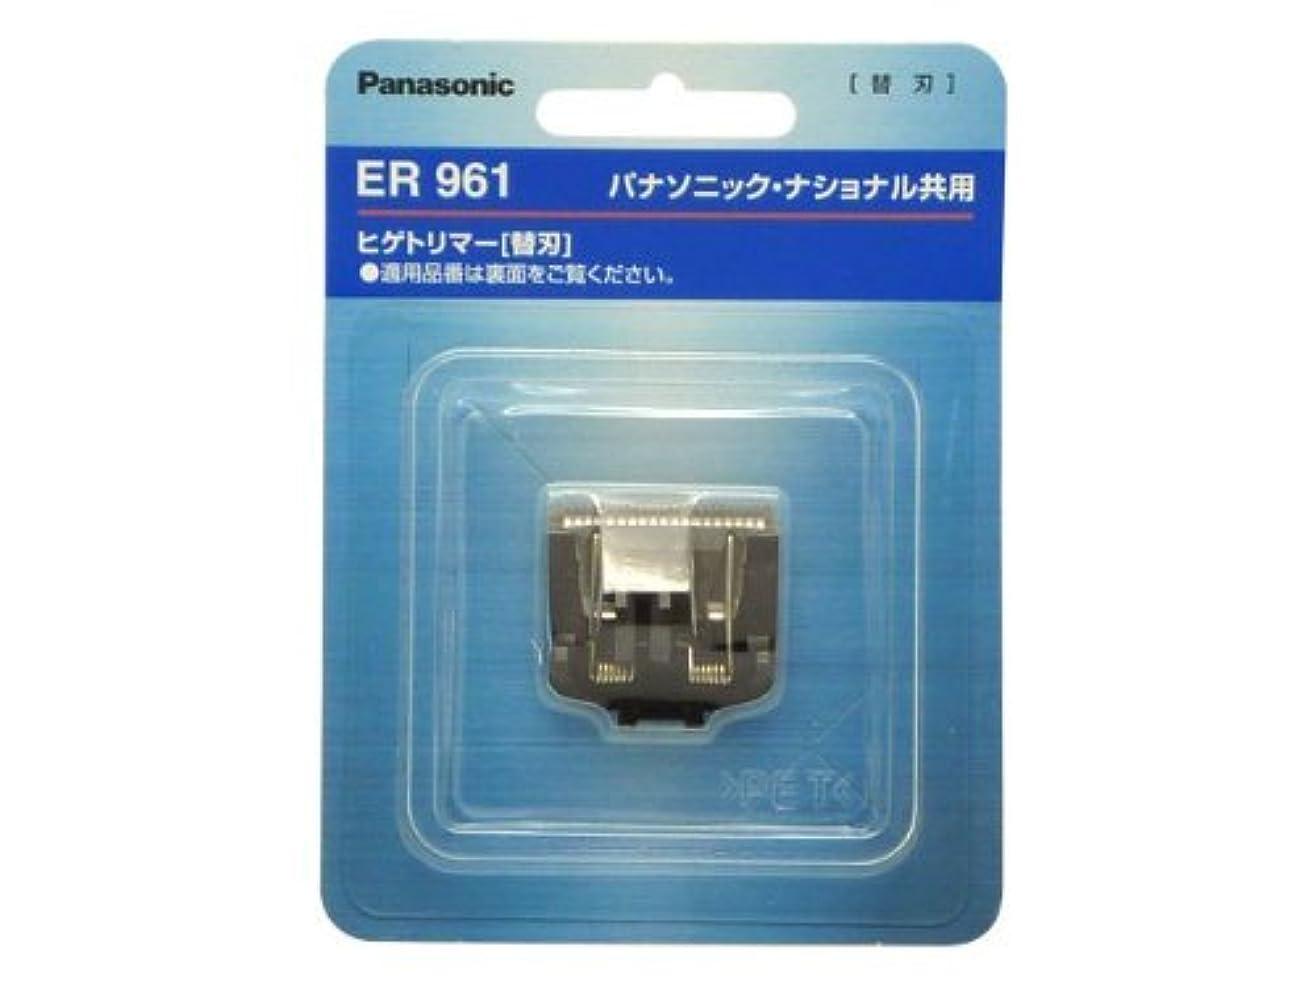 無視できる取り付け苦難パナソニック 替刃 ヒゲトリマー用 ER961